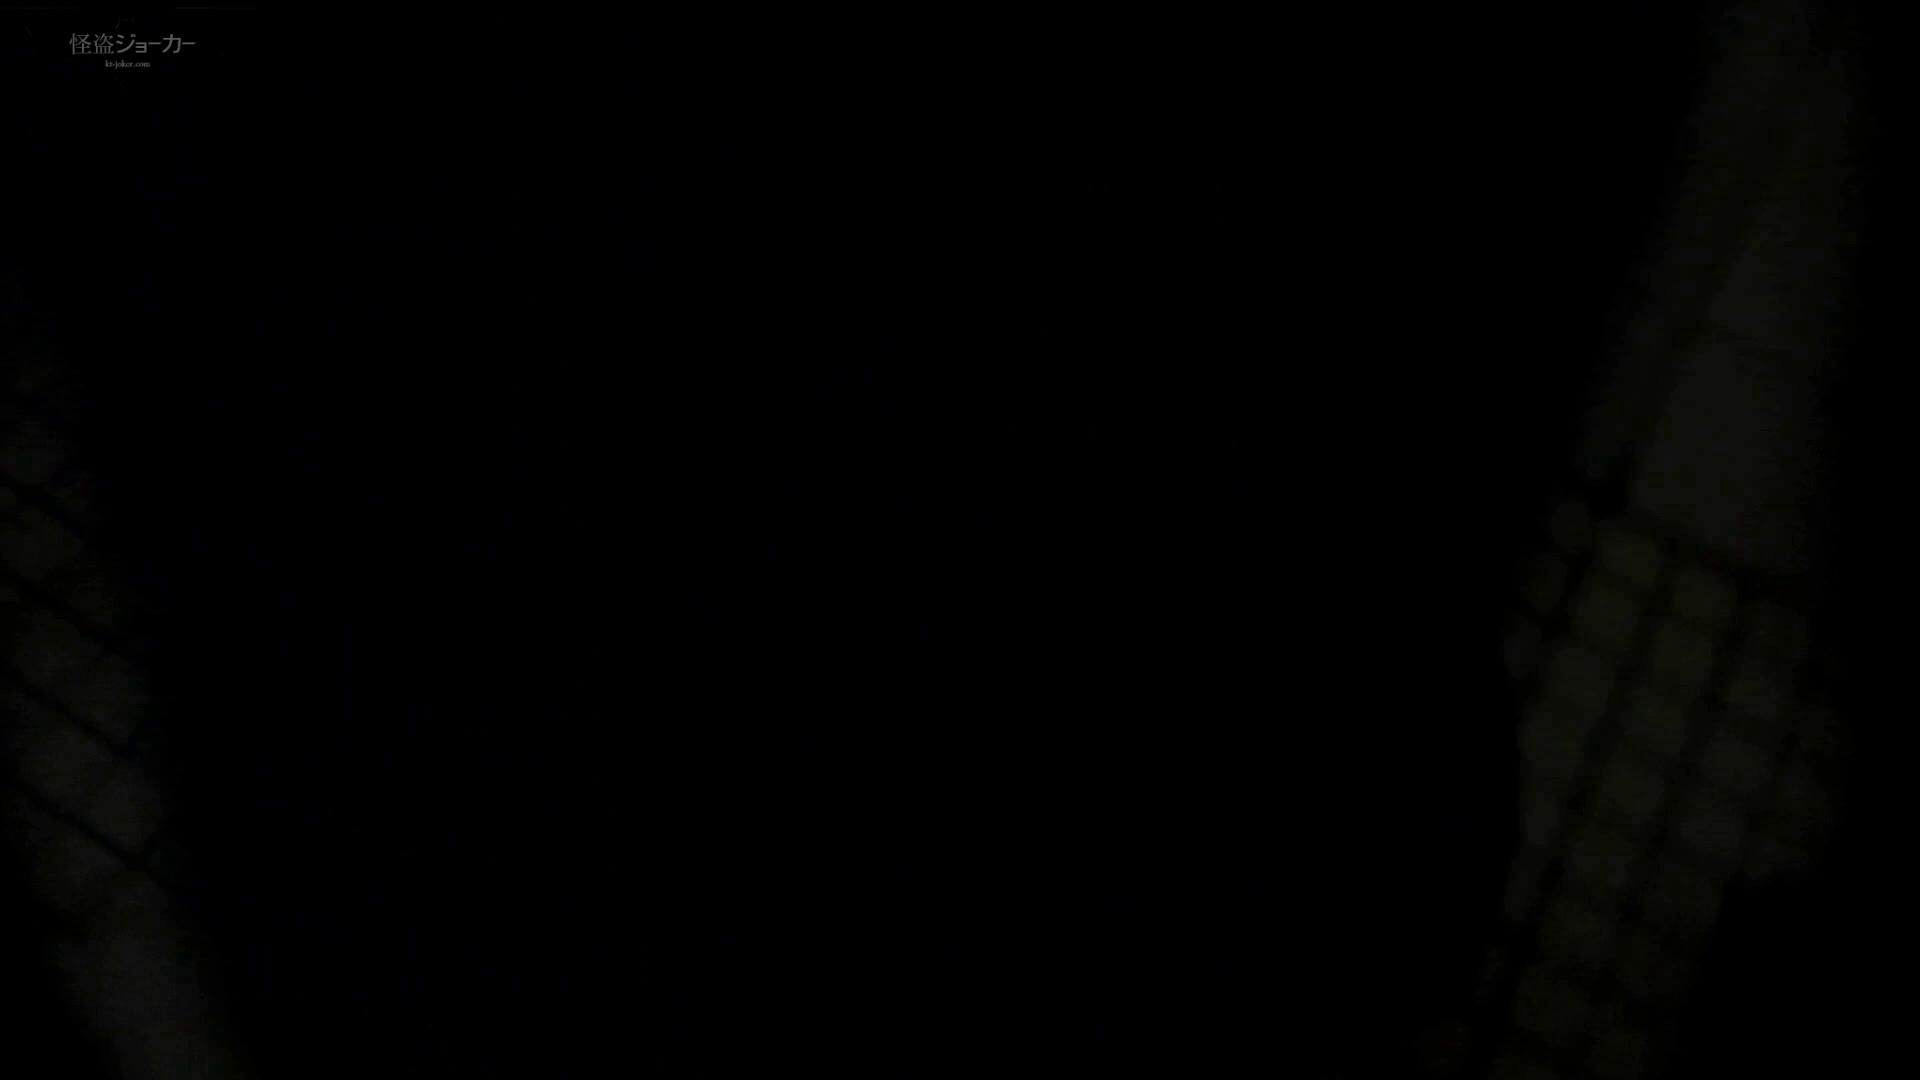 洗面所特攻隊 vol.56 白濁まみれのごっつい一本!!技あり 盛合せ SEX無修正画像 110枚 93